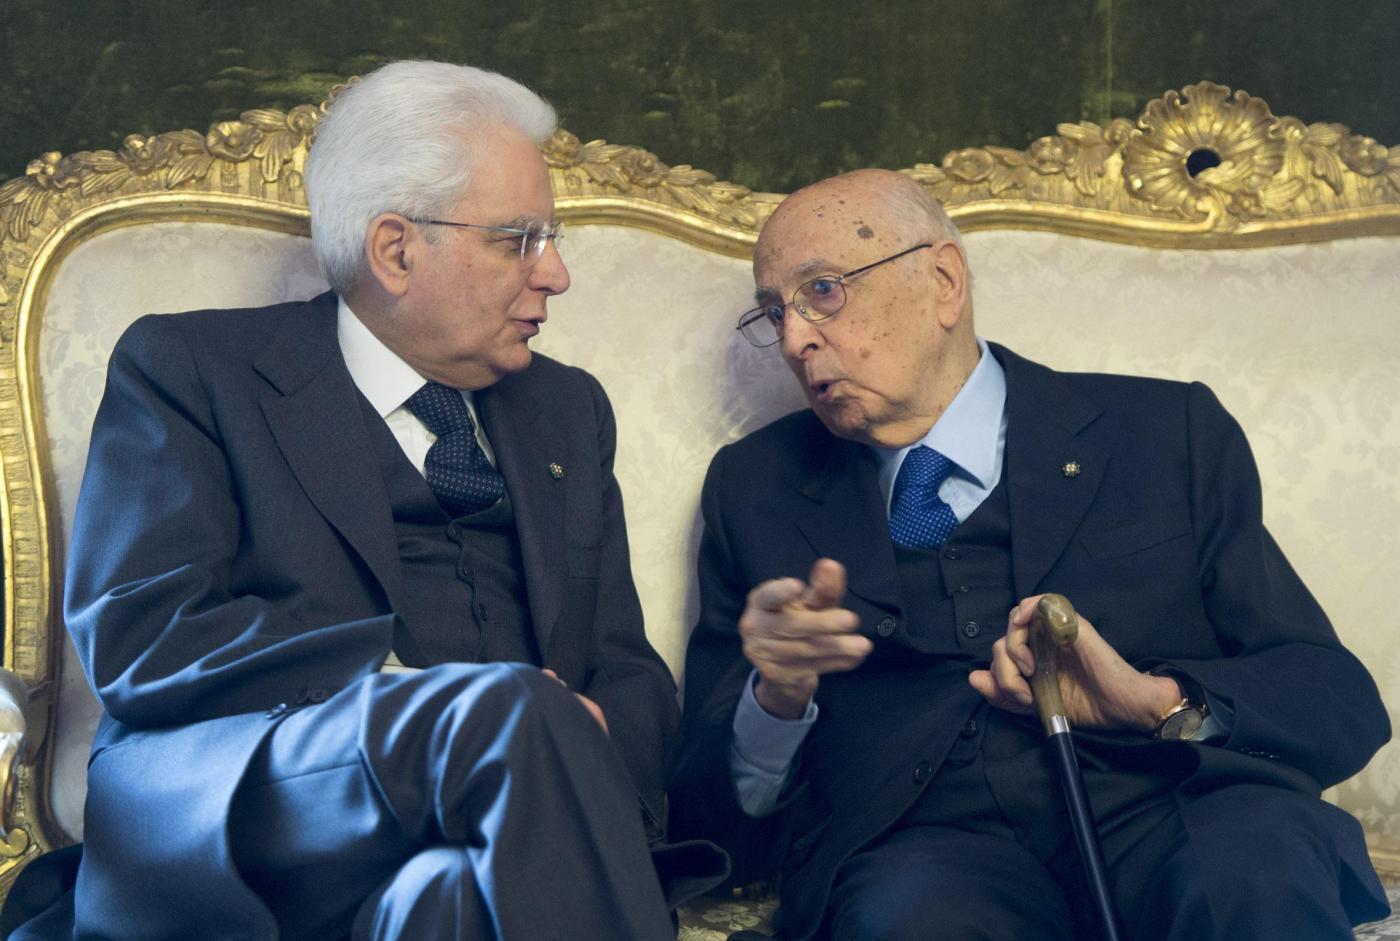 Risultati immagini per L'oscuro signore - Mattarella come Napolitano